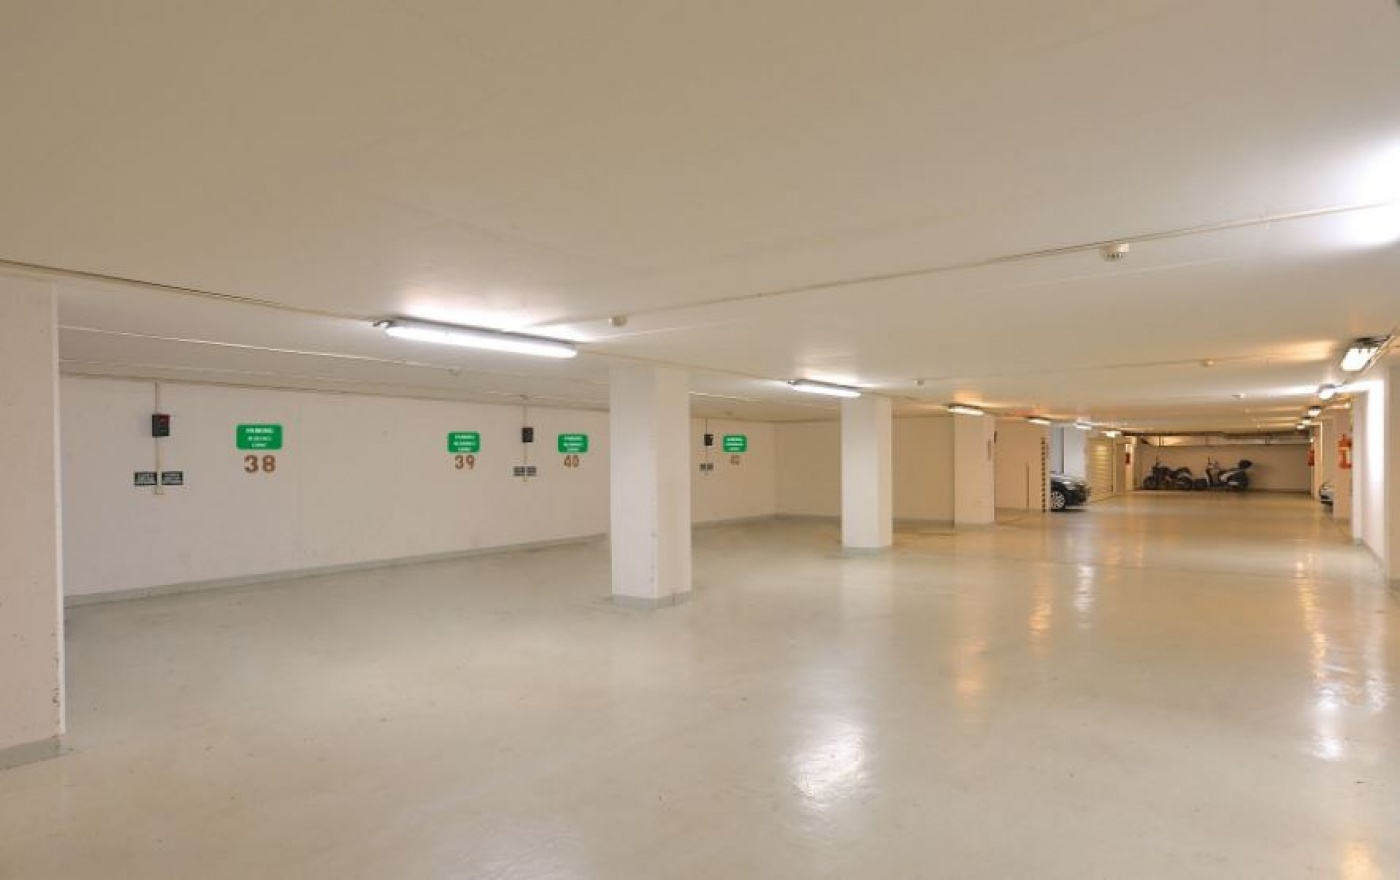 Půdní byt 2+kk, plocha 77 m², ulice Lihovarská, Praha 9 - Libeň, cena 6 117 000 Kč | 9